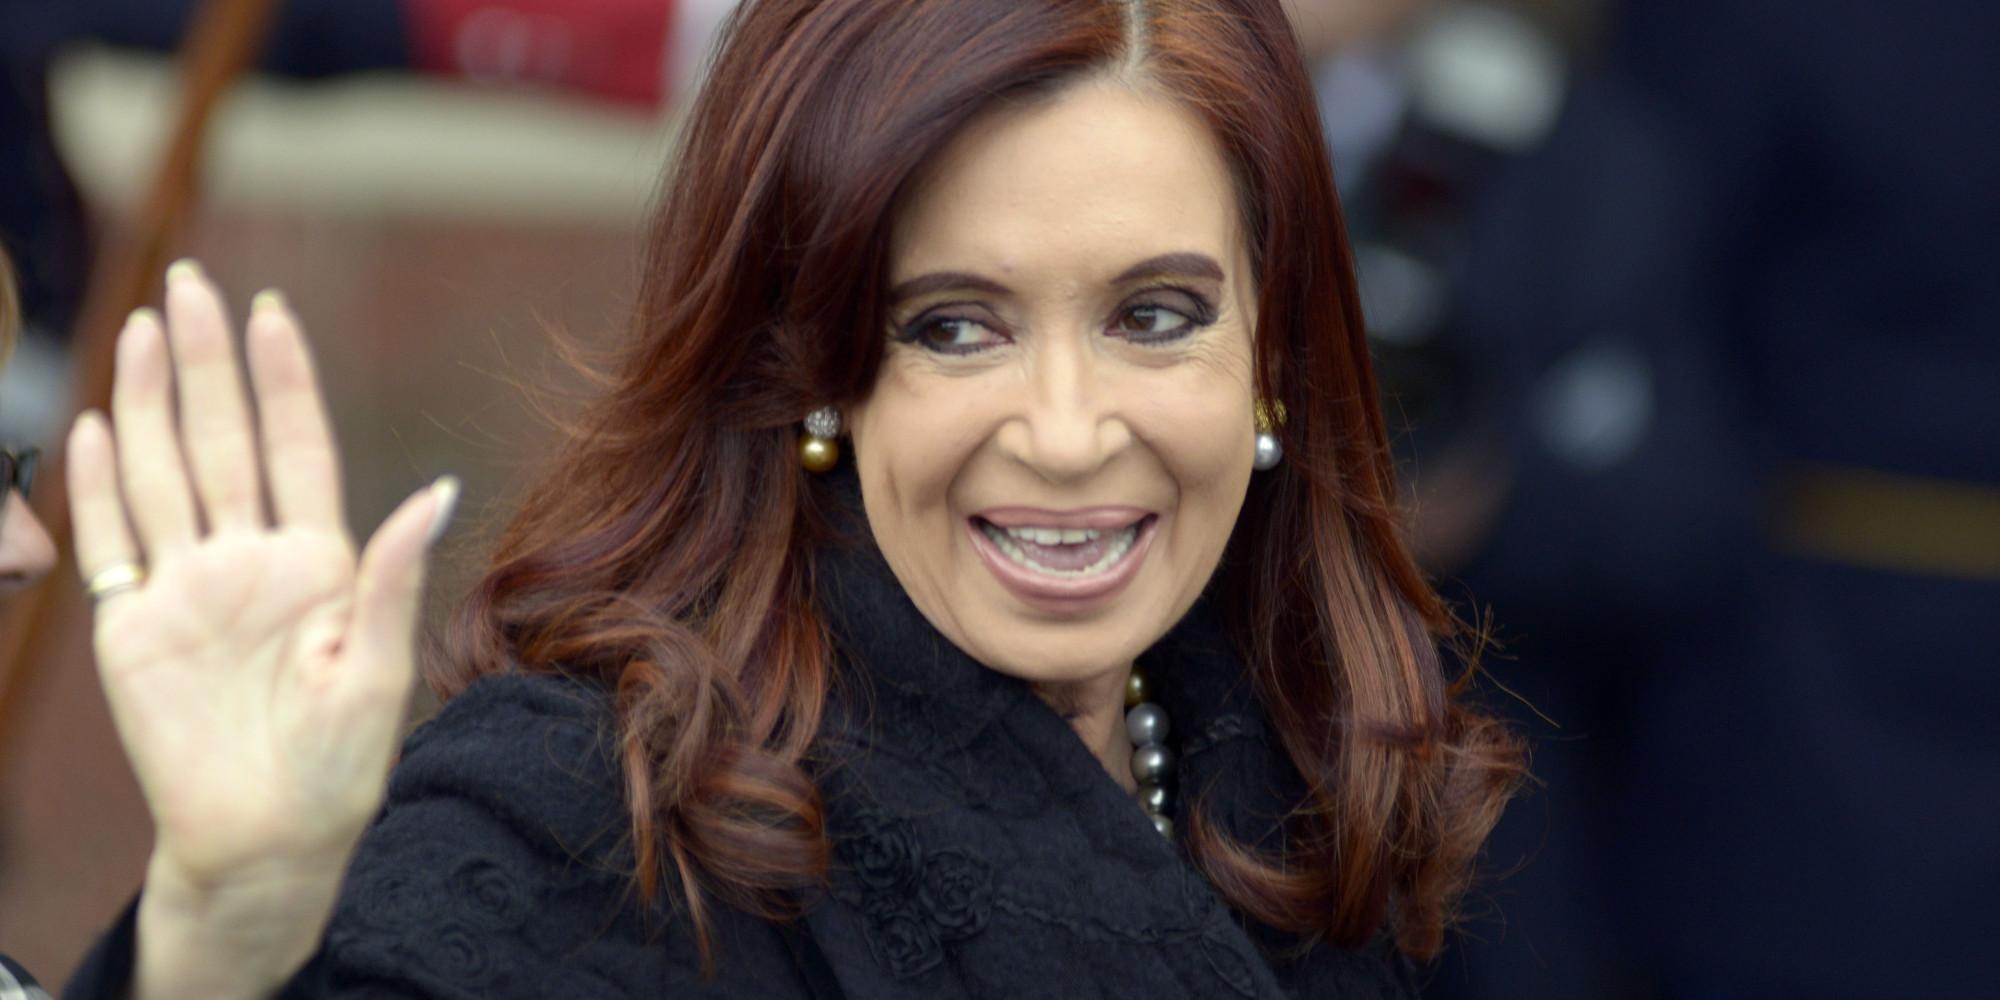 Cristina Kirchner deixa a Presidência da Argentina em dezembro. Foto: Reprodução